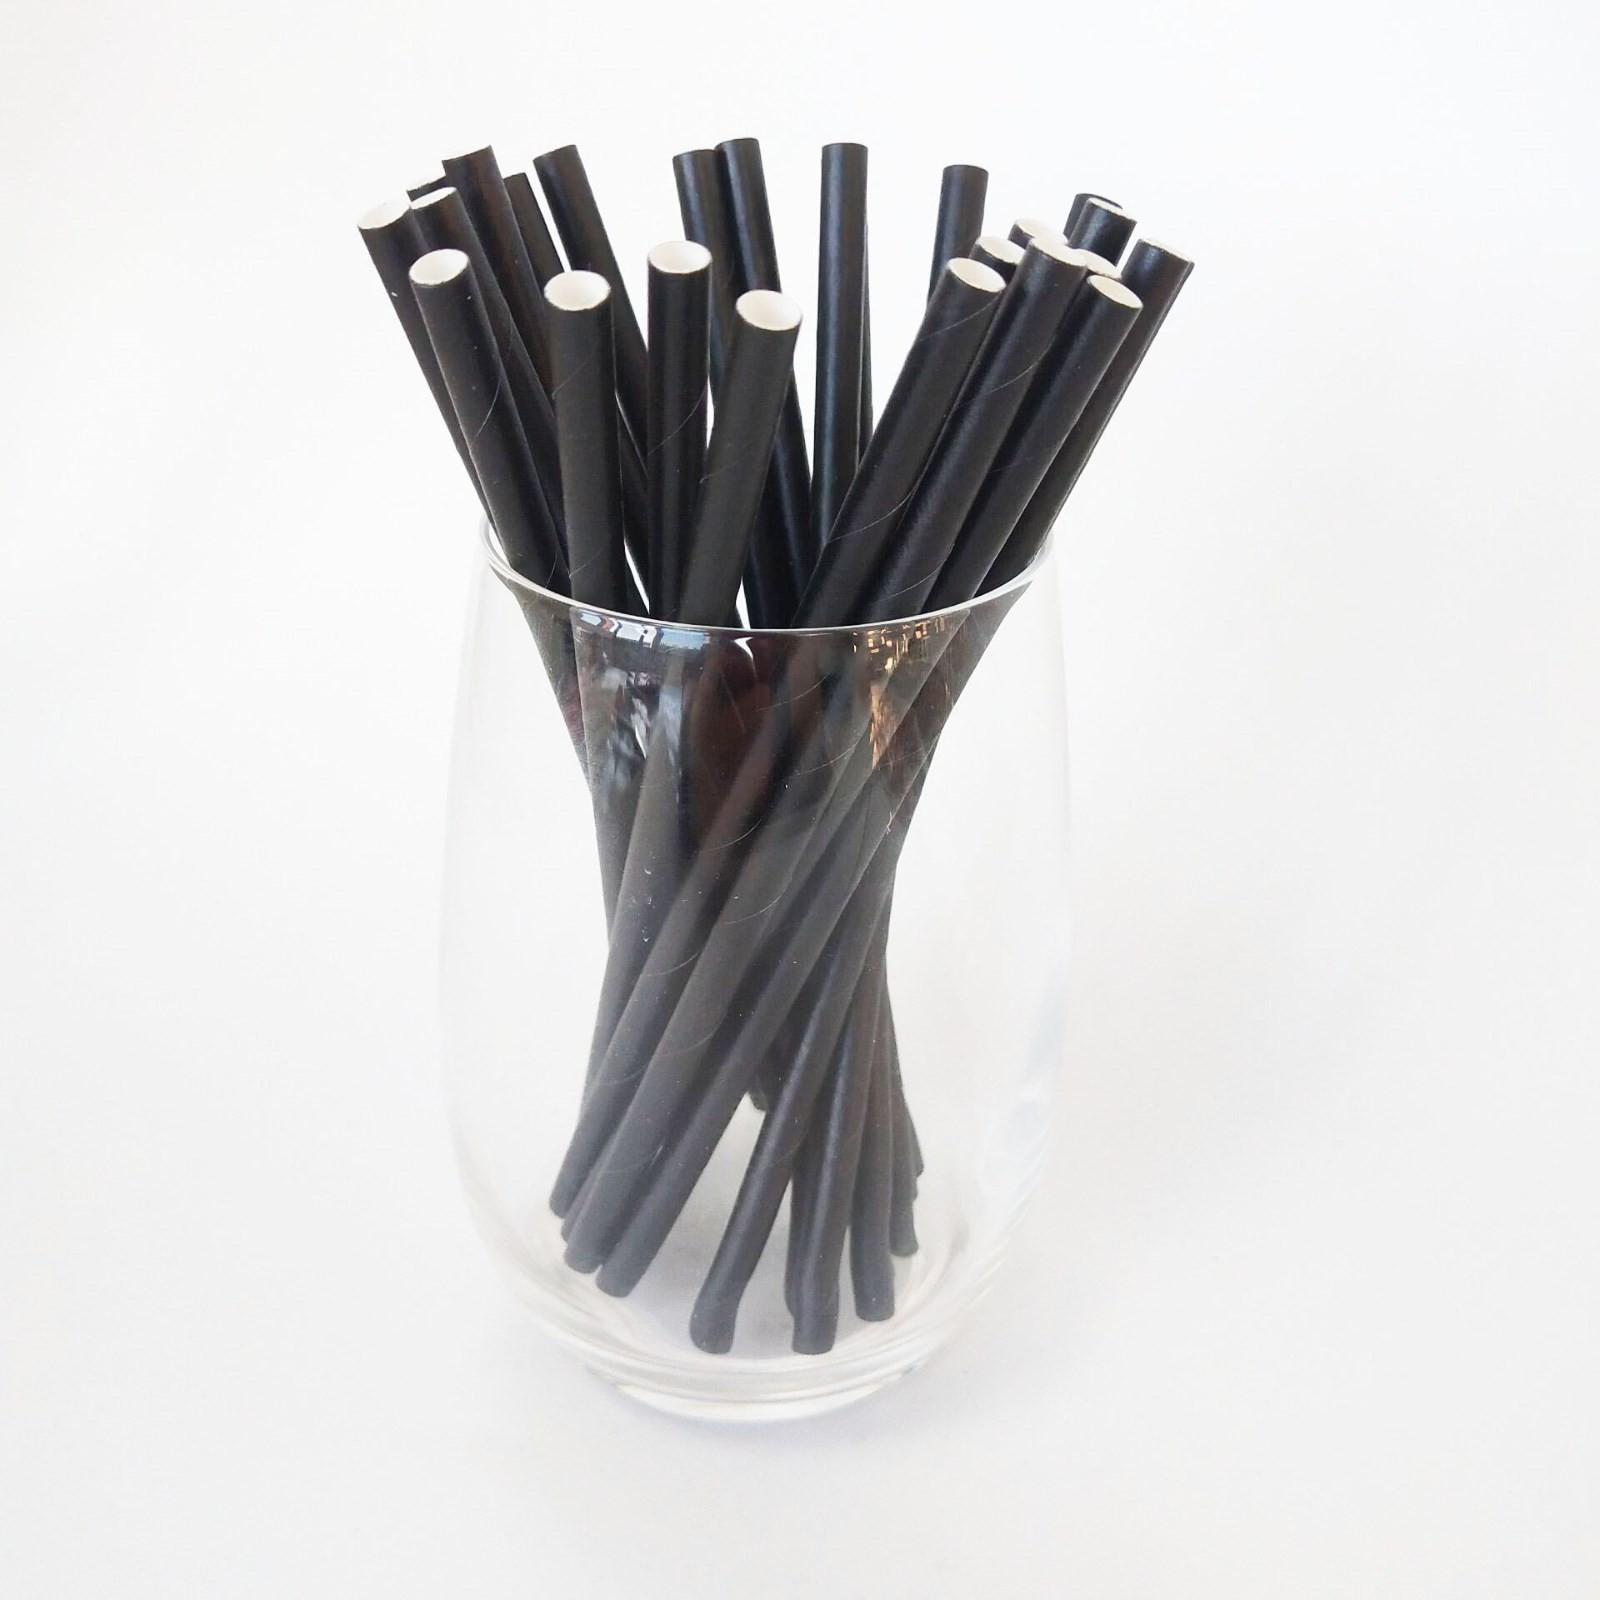 厂家批发供应三层平口直管可独立包装12*240纸吸管